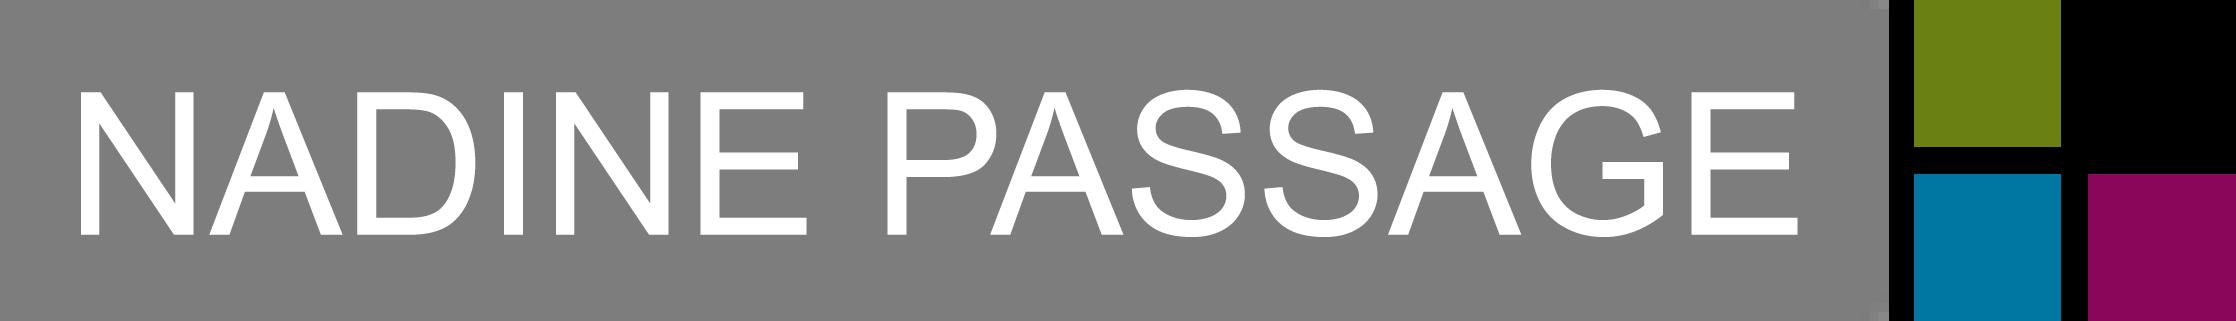 Nadine Passage